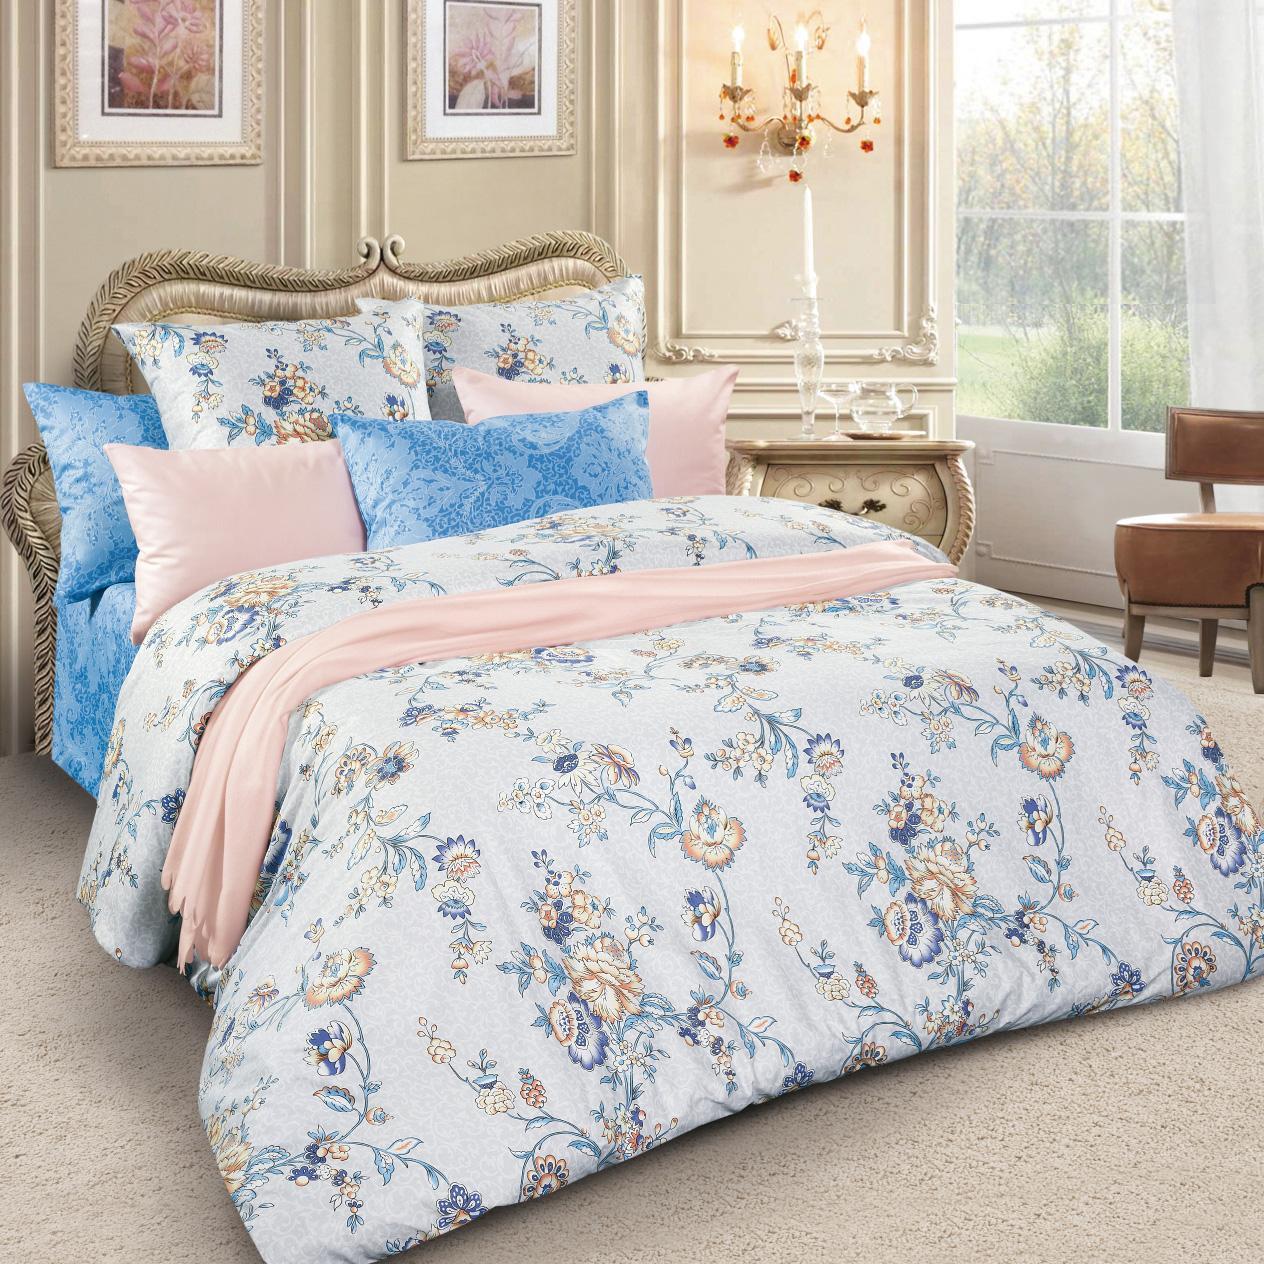 Комплект белья Letto, 2-спальный, наволочки 70х70, цвет: серый, голубой. sm62-4